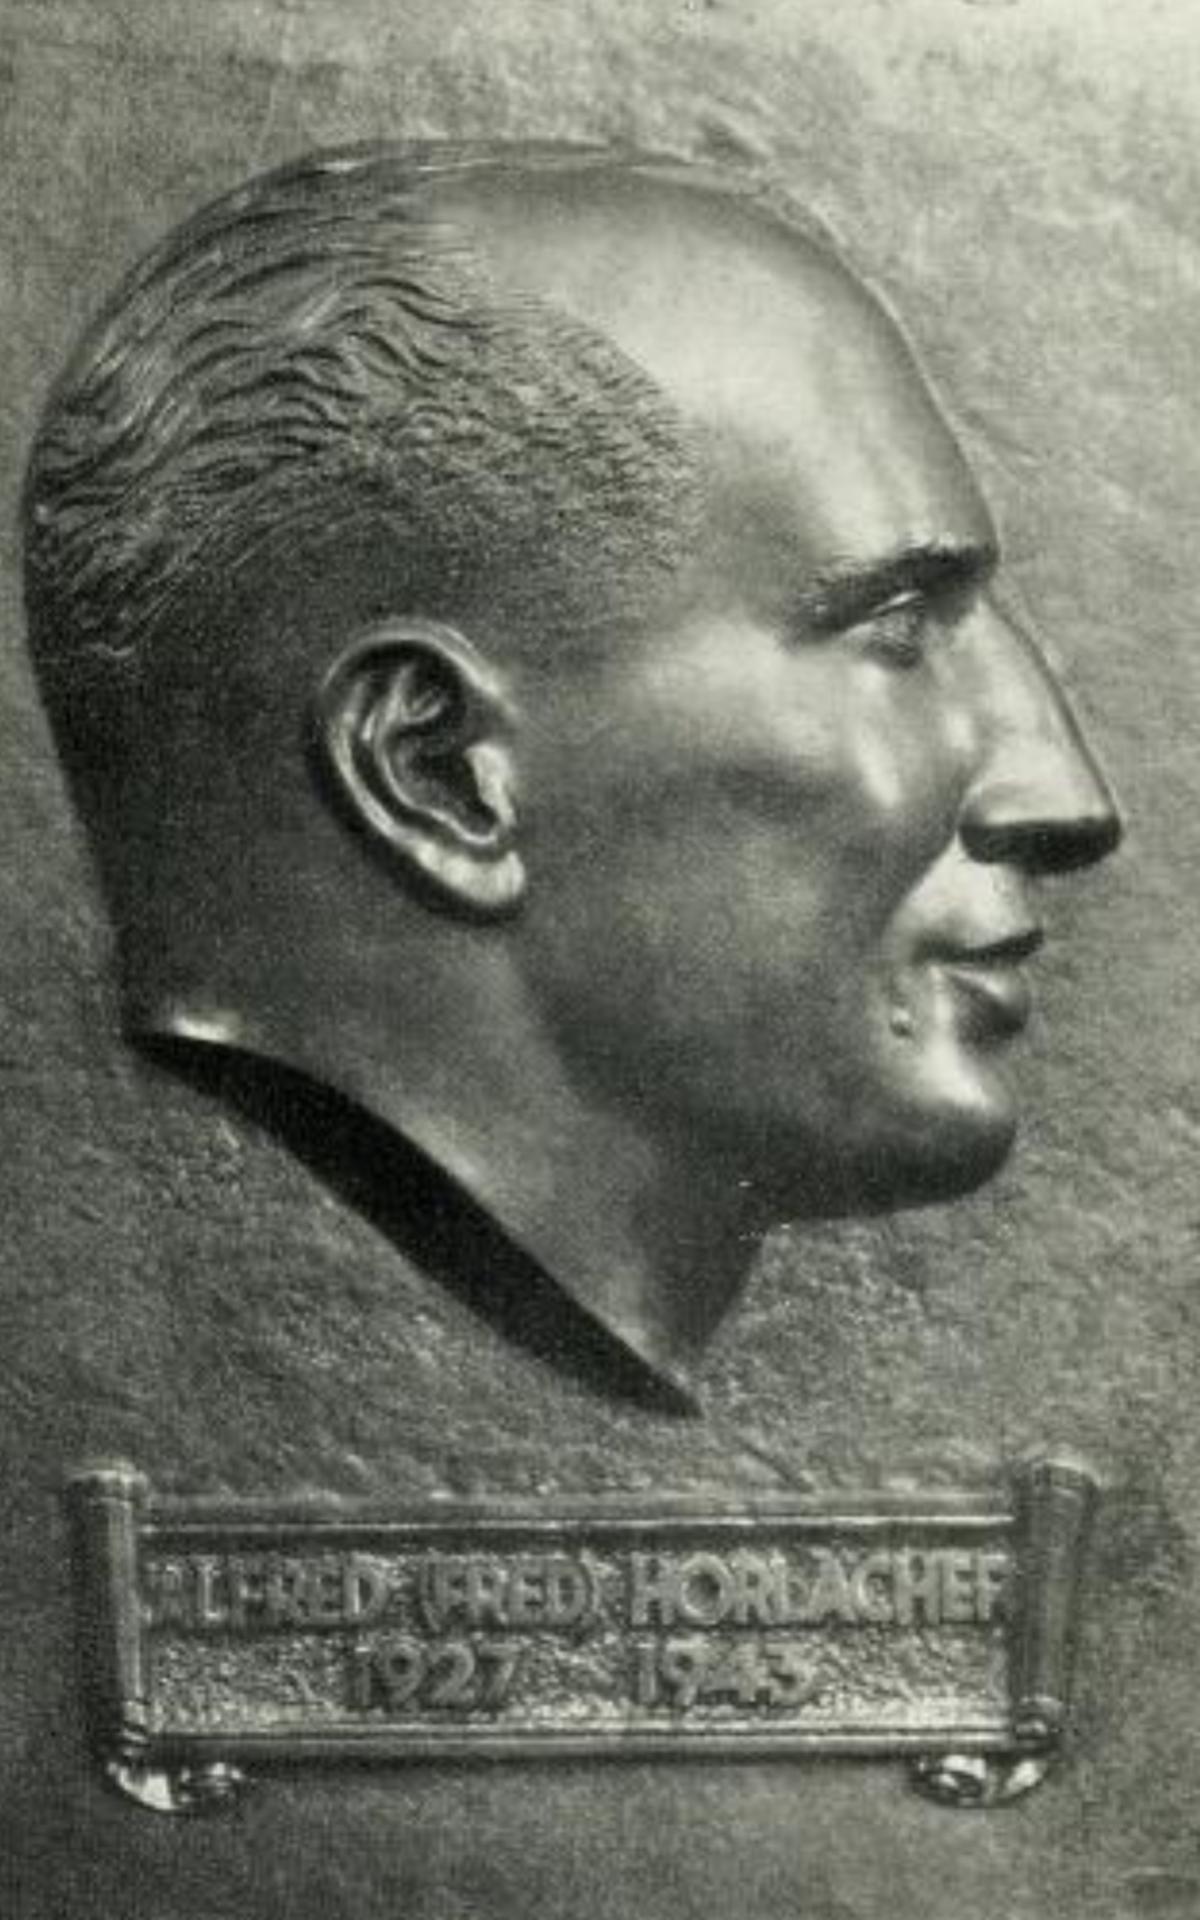 Fred Horlacher Memorial, 1946